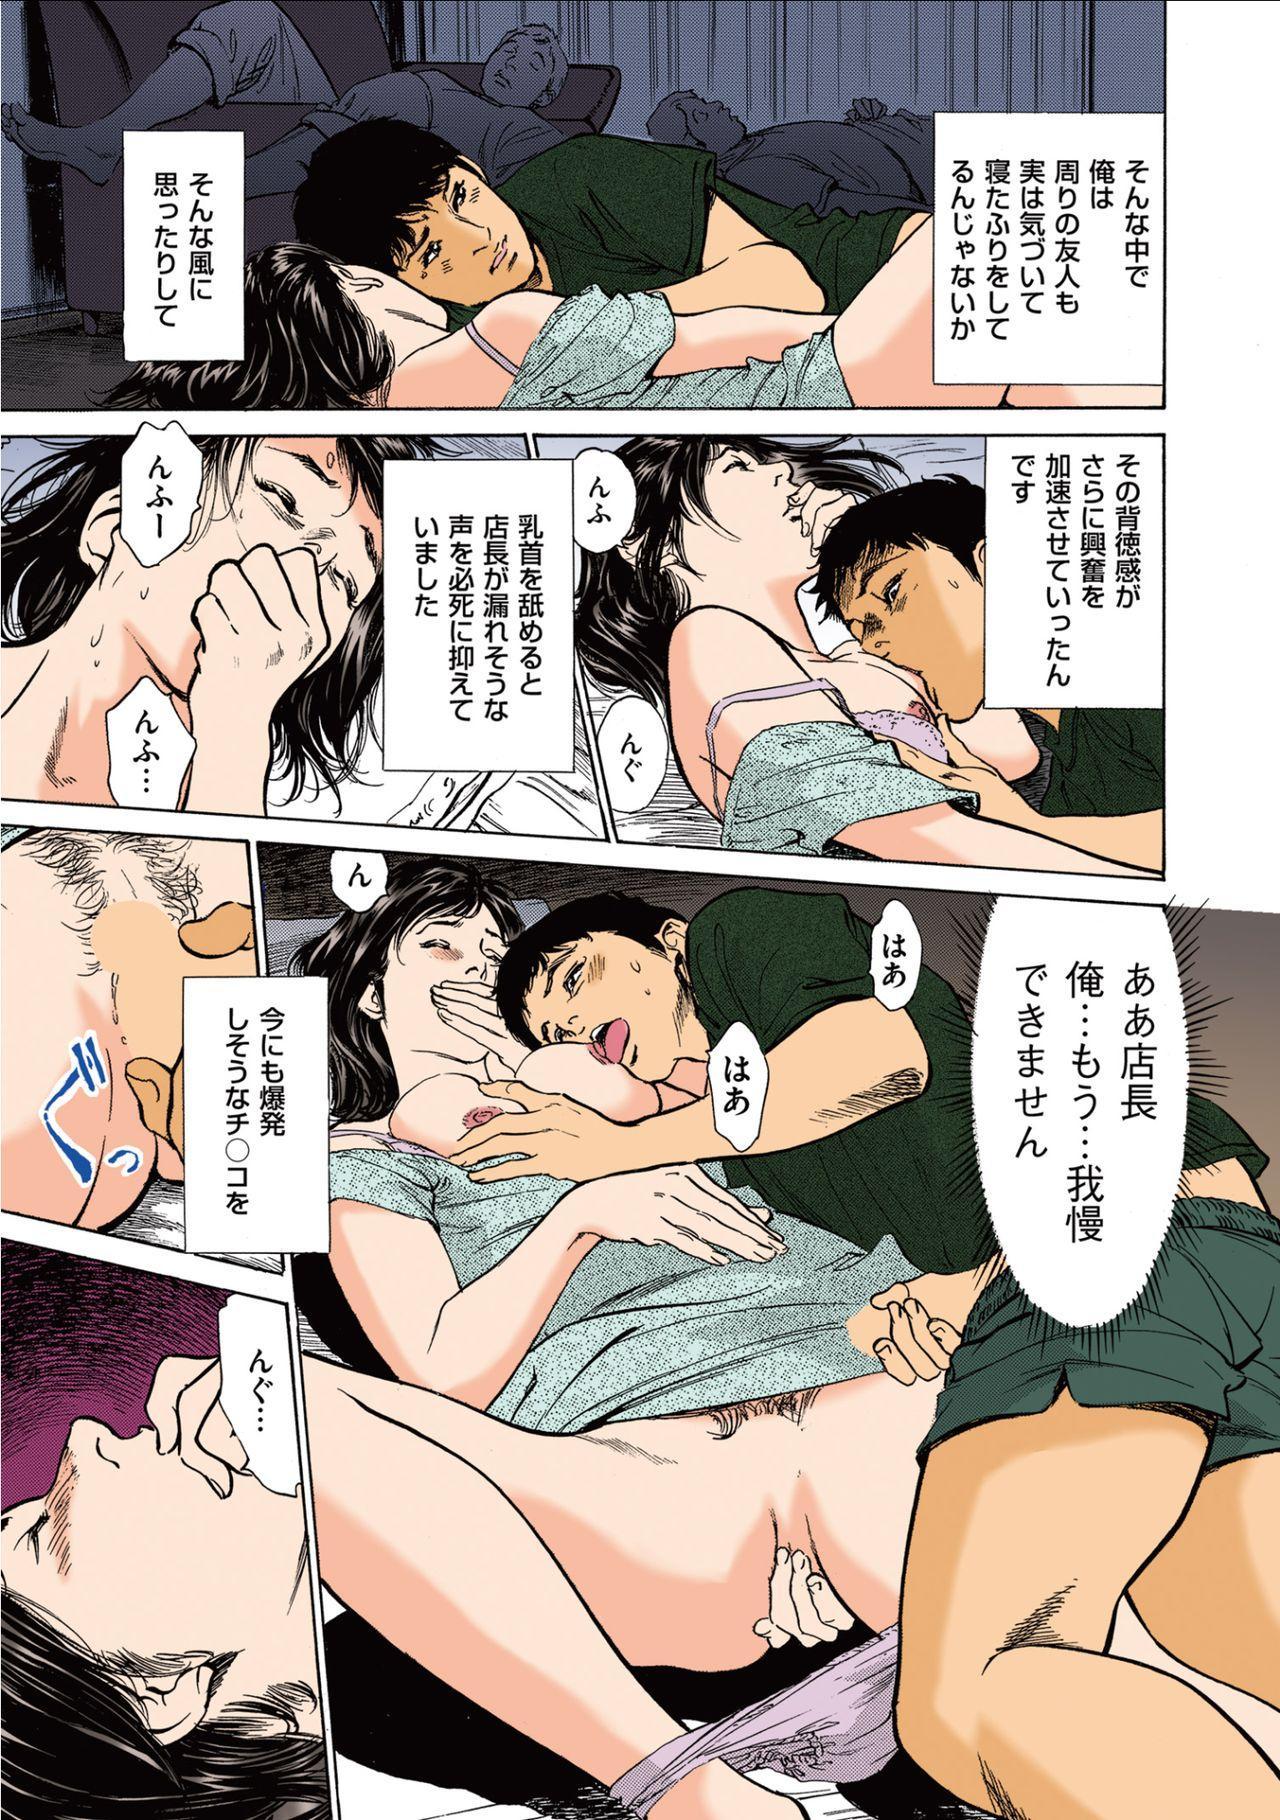 [Hazuki Kaoru] Hazuki Kaoru no Tamaranai Hanashi (Full Color Version) 1-2 78